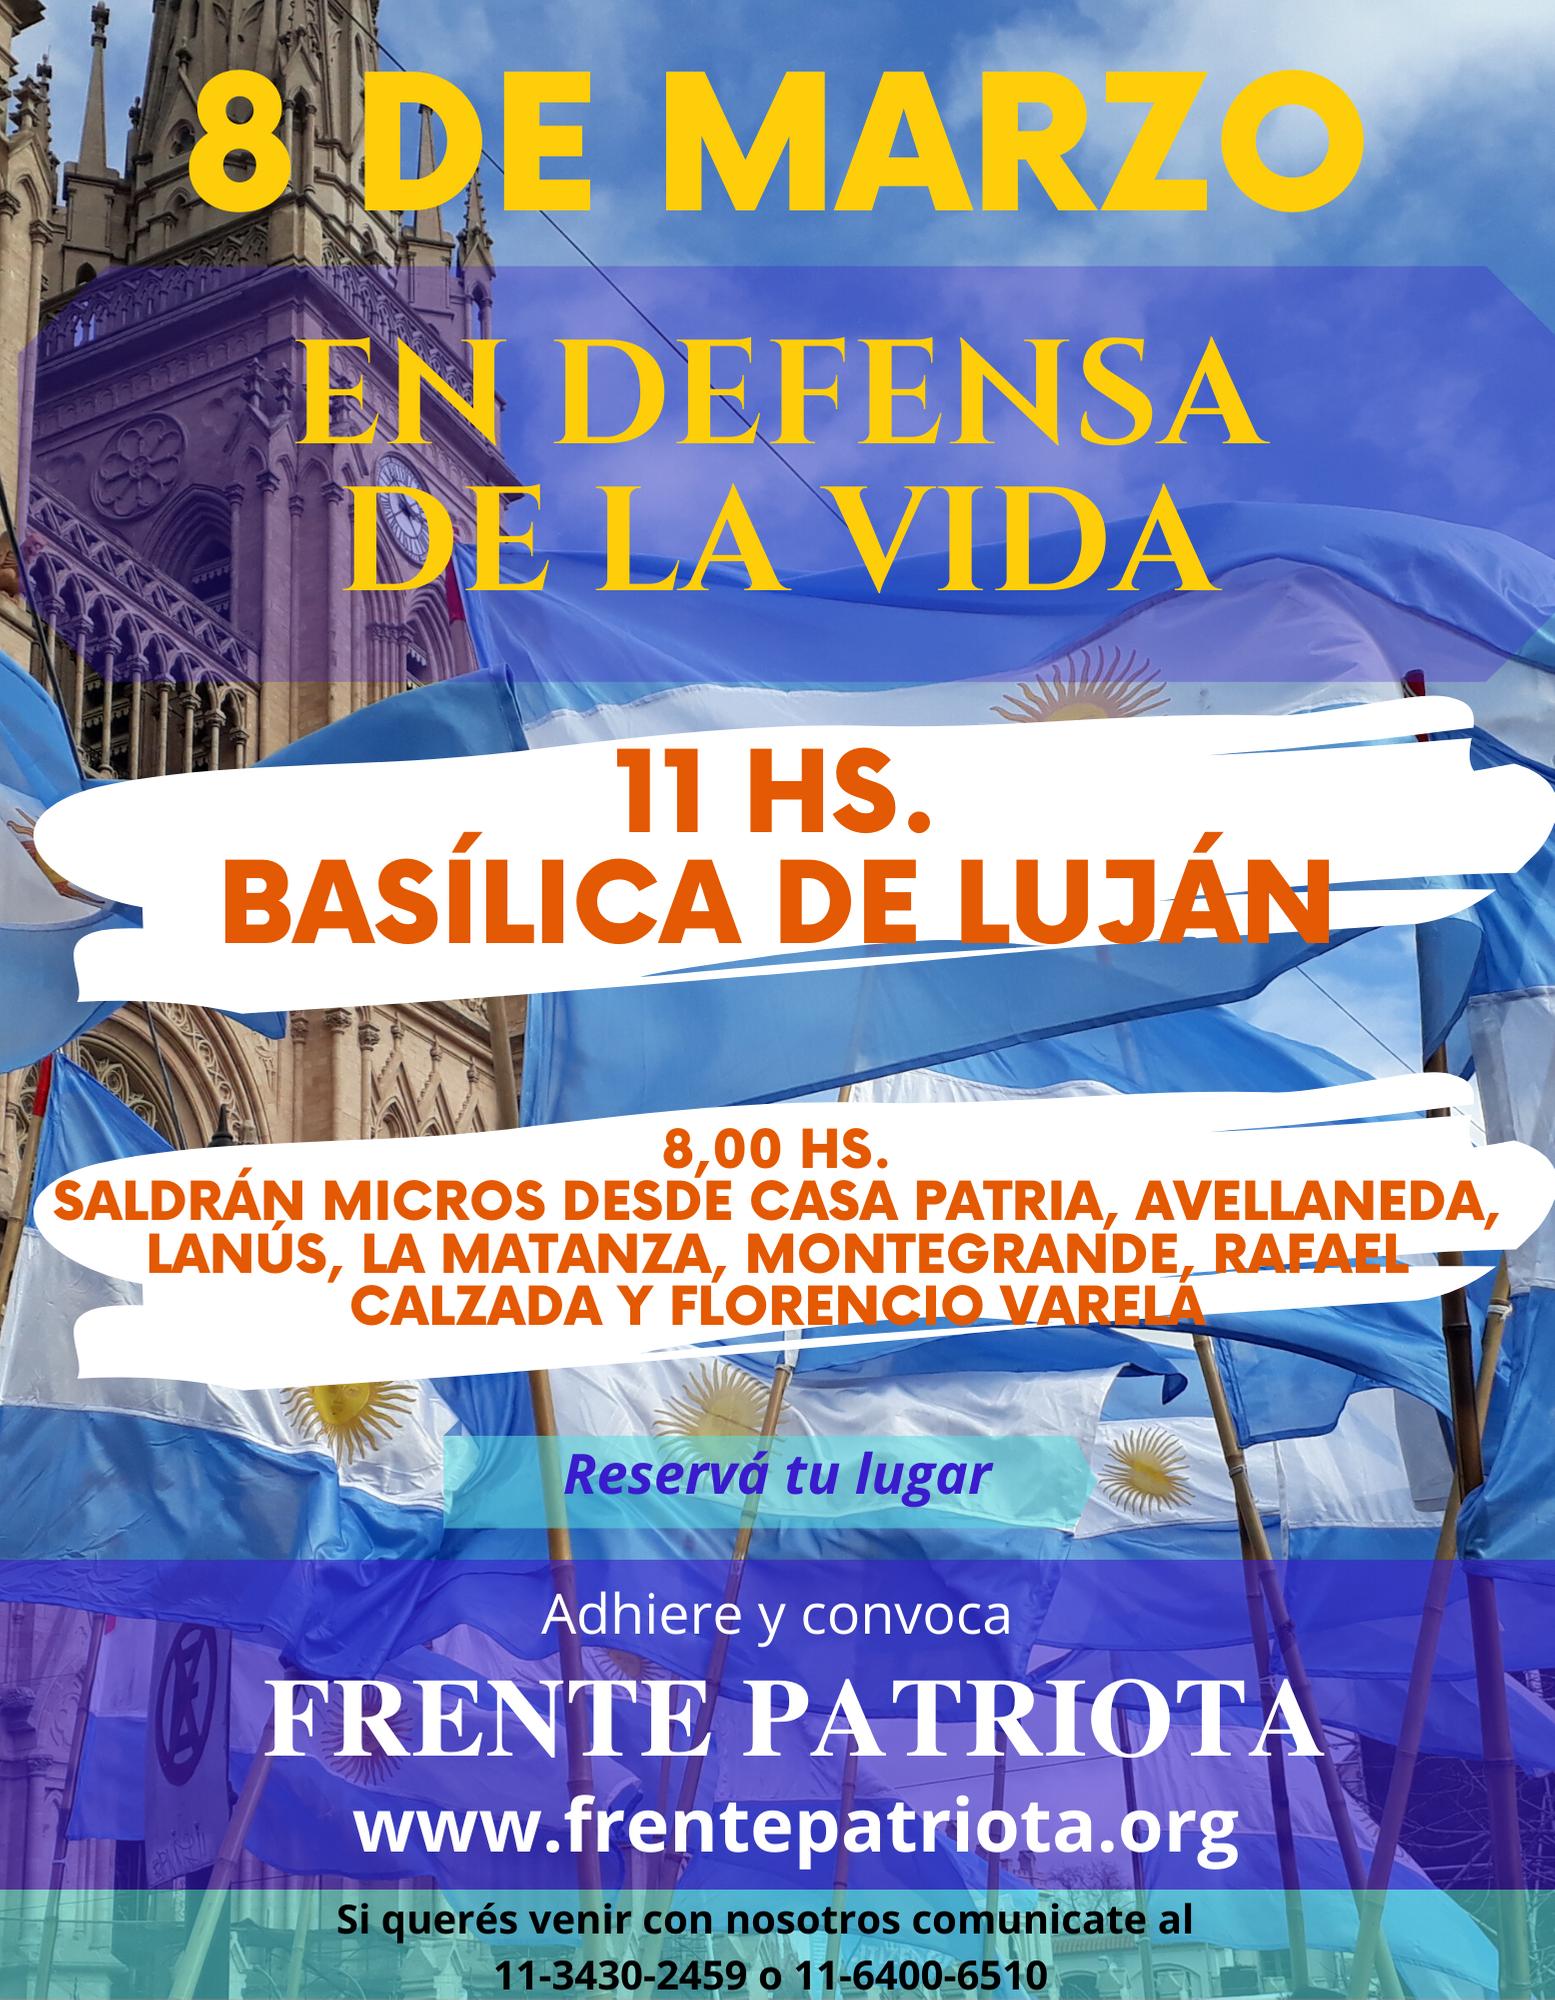 8M: Adhesión y convocatoria a la Misa por la Vida en Luján